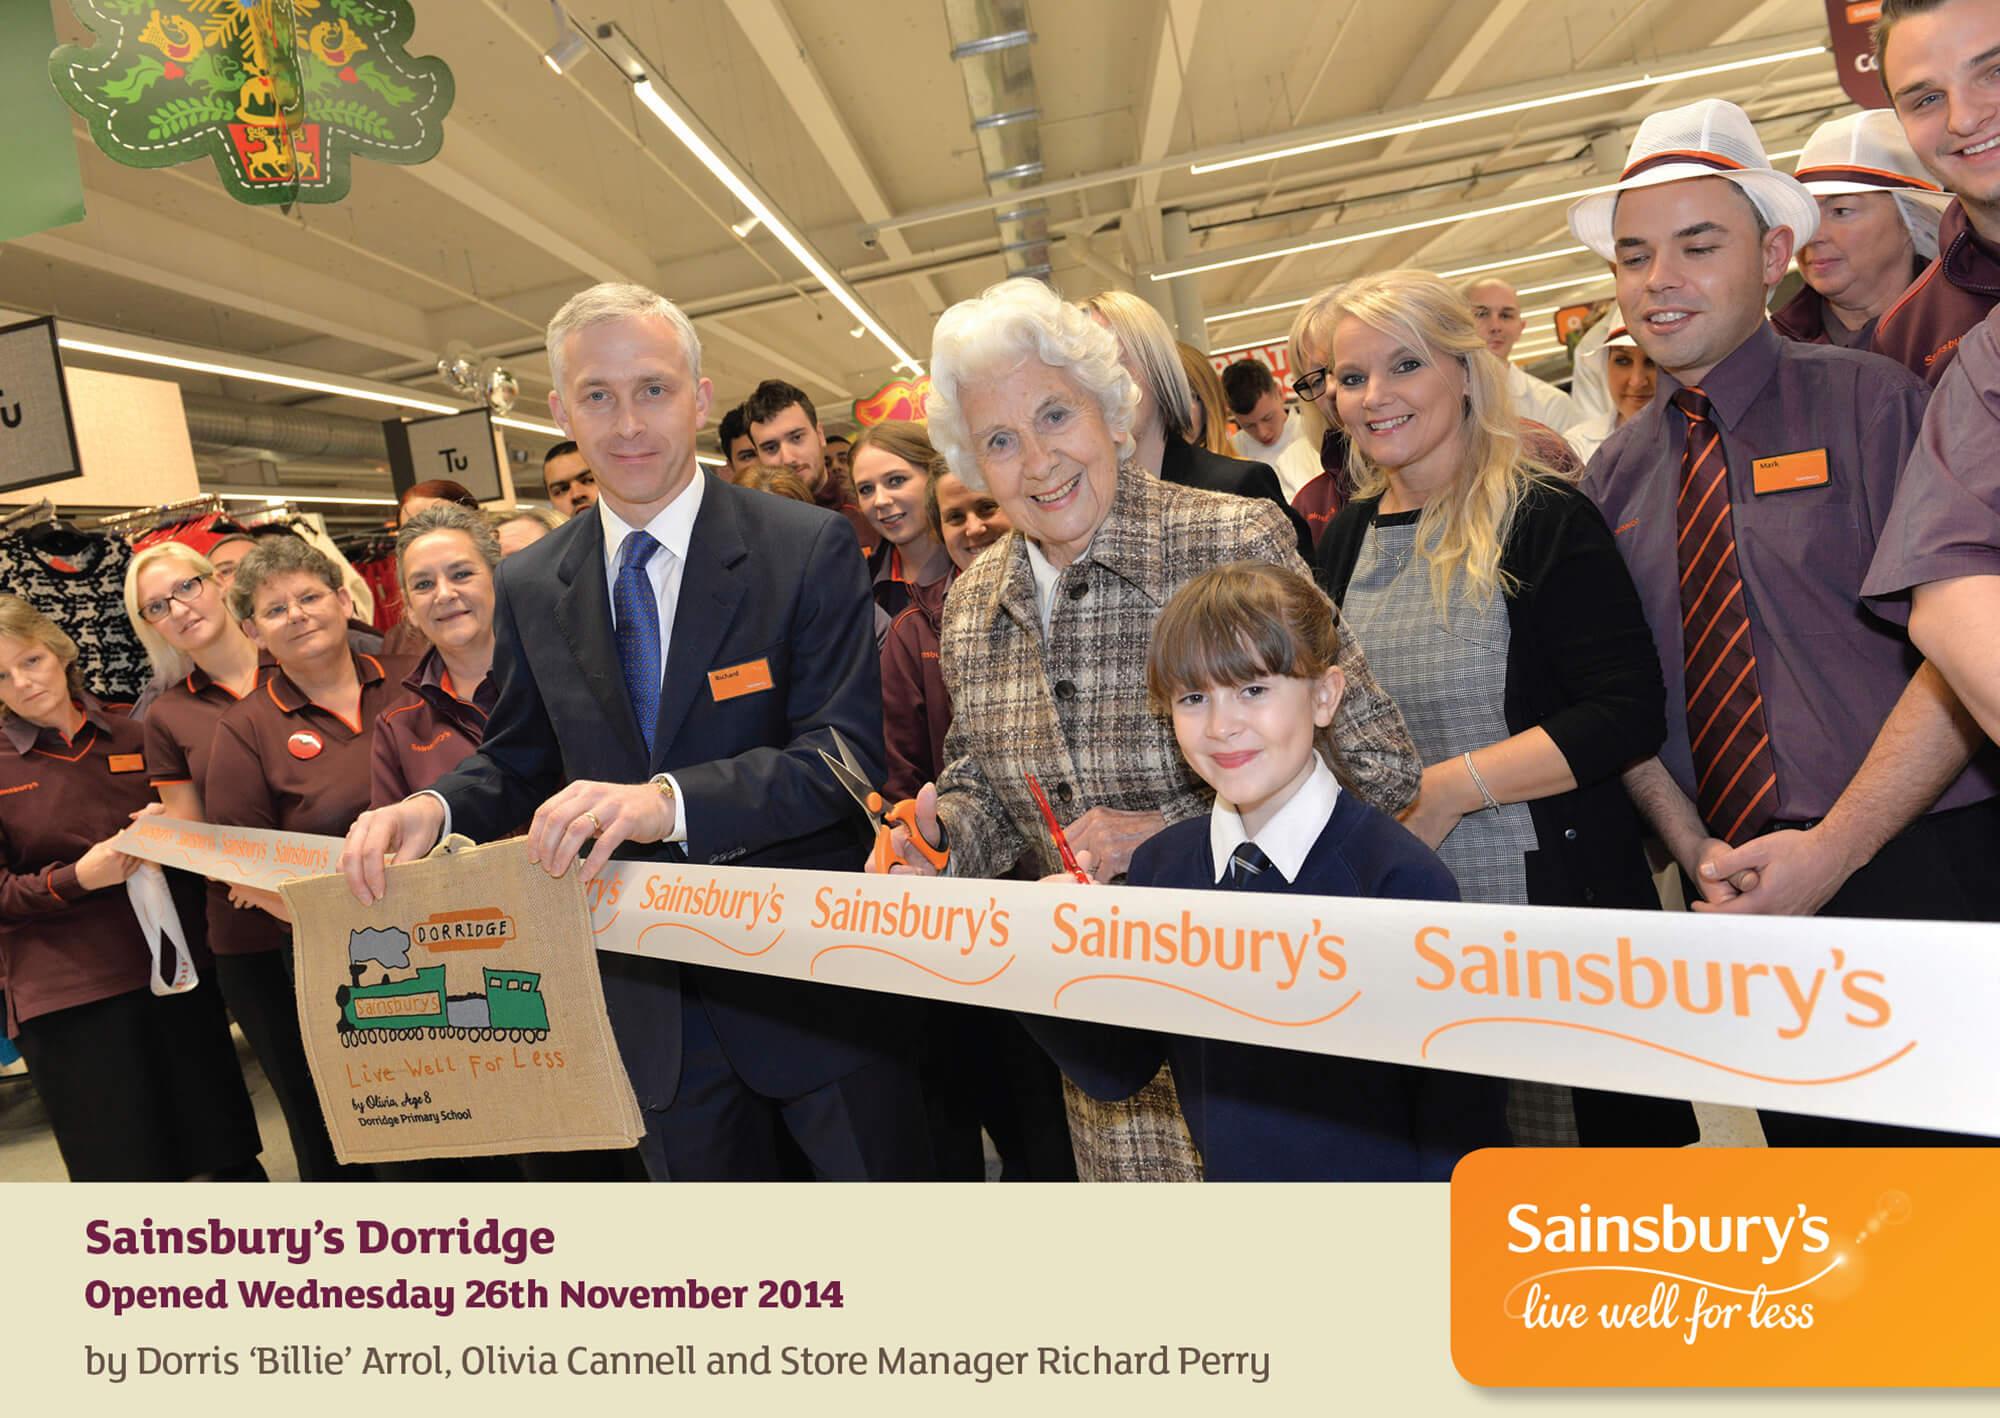 Sainsbury's Opening Photo